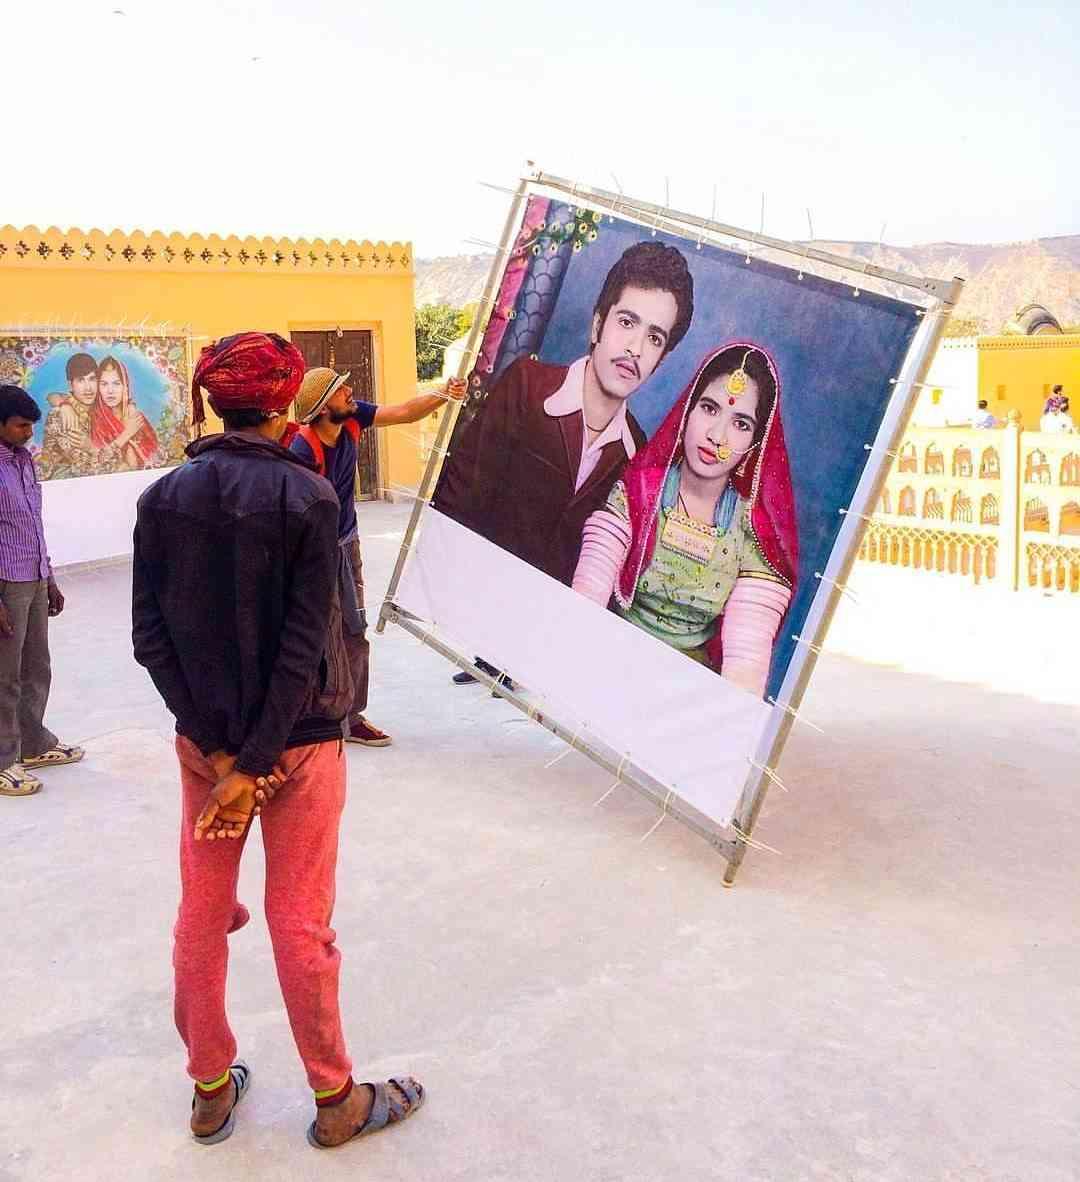 #JaipurPhoto installations in progress